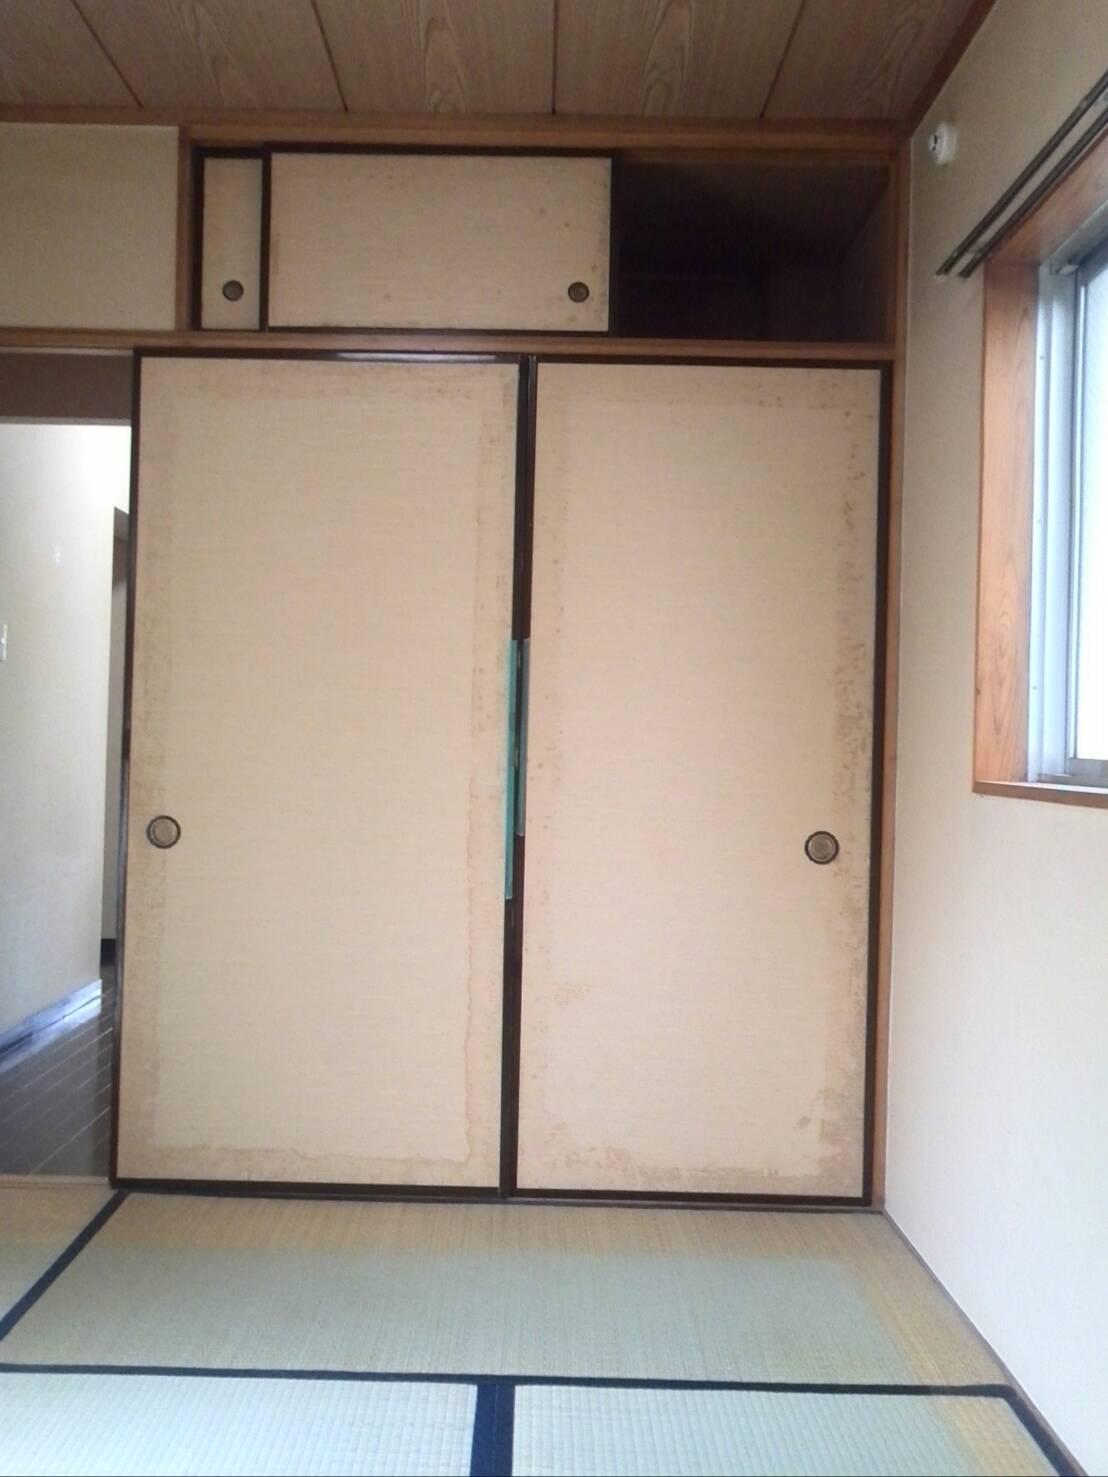 川崎市多摩区 内装リフォーム工事の見積を行いました ...